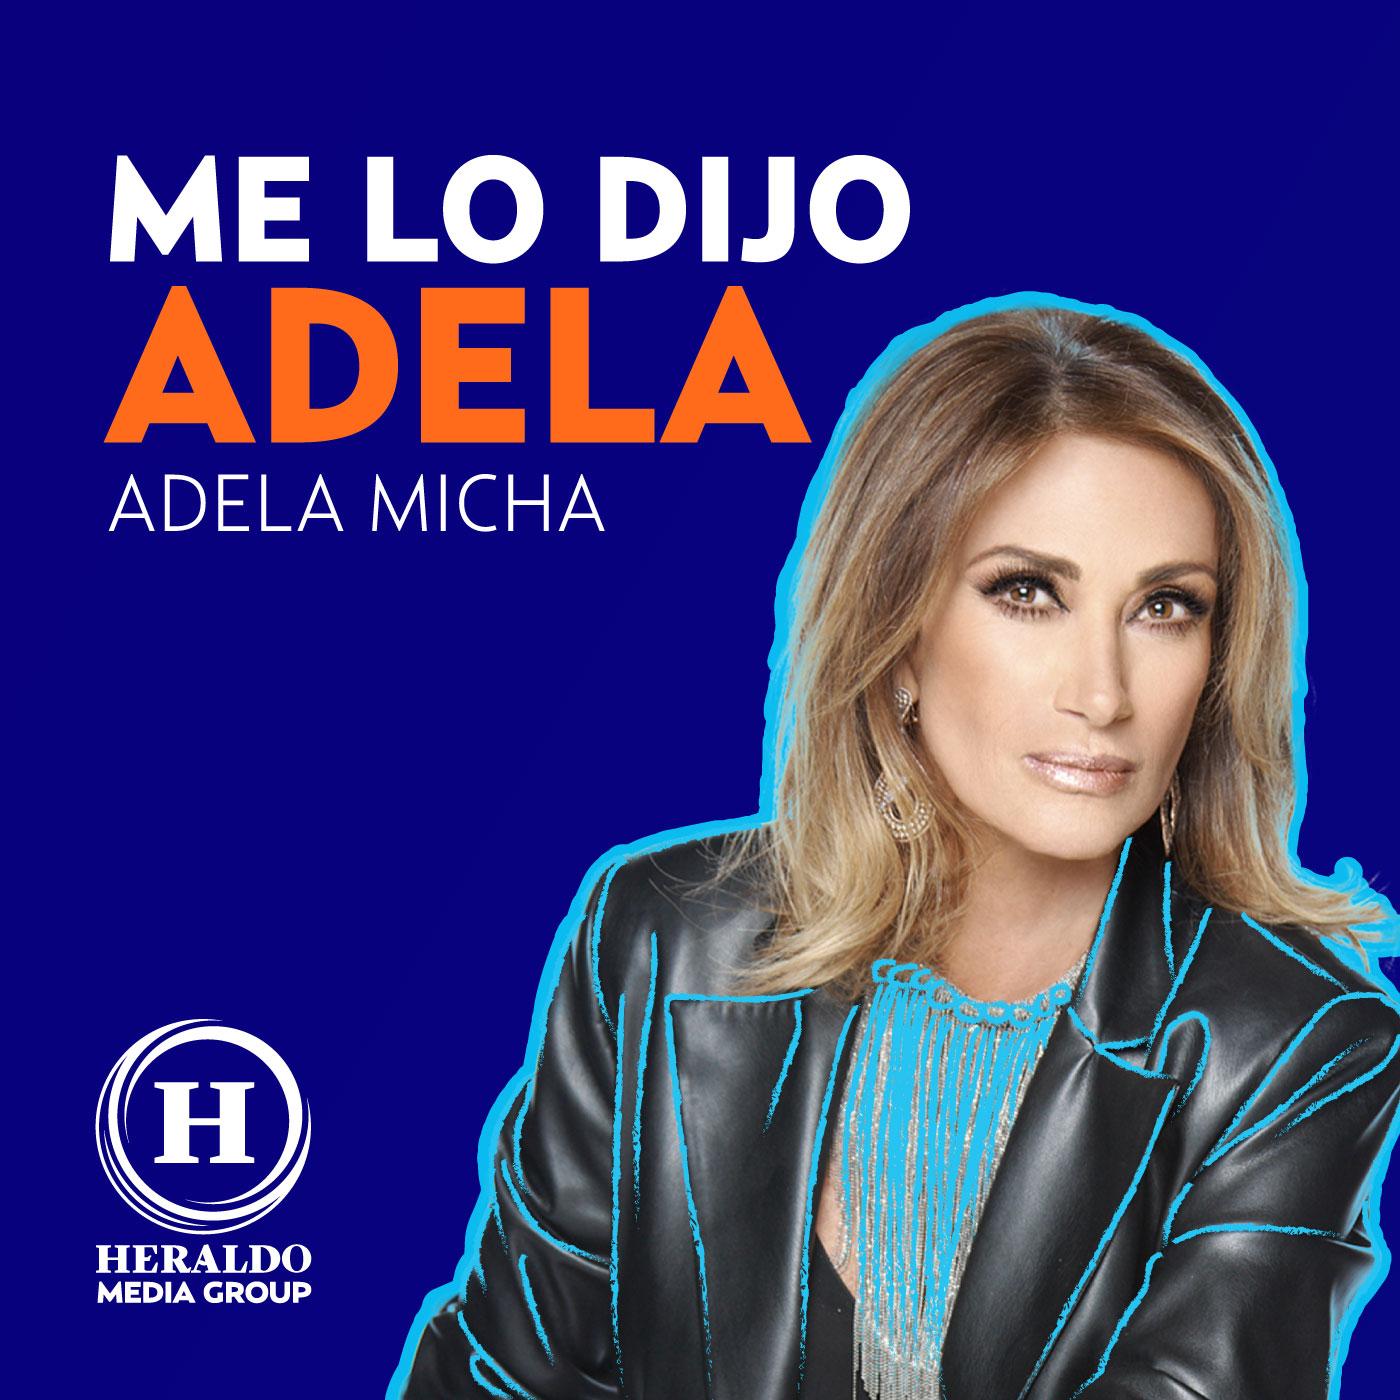 Me lo dijo Adela. Programa completo lunes 27 de julio 2020